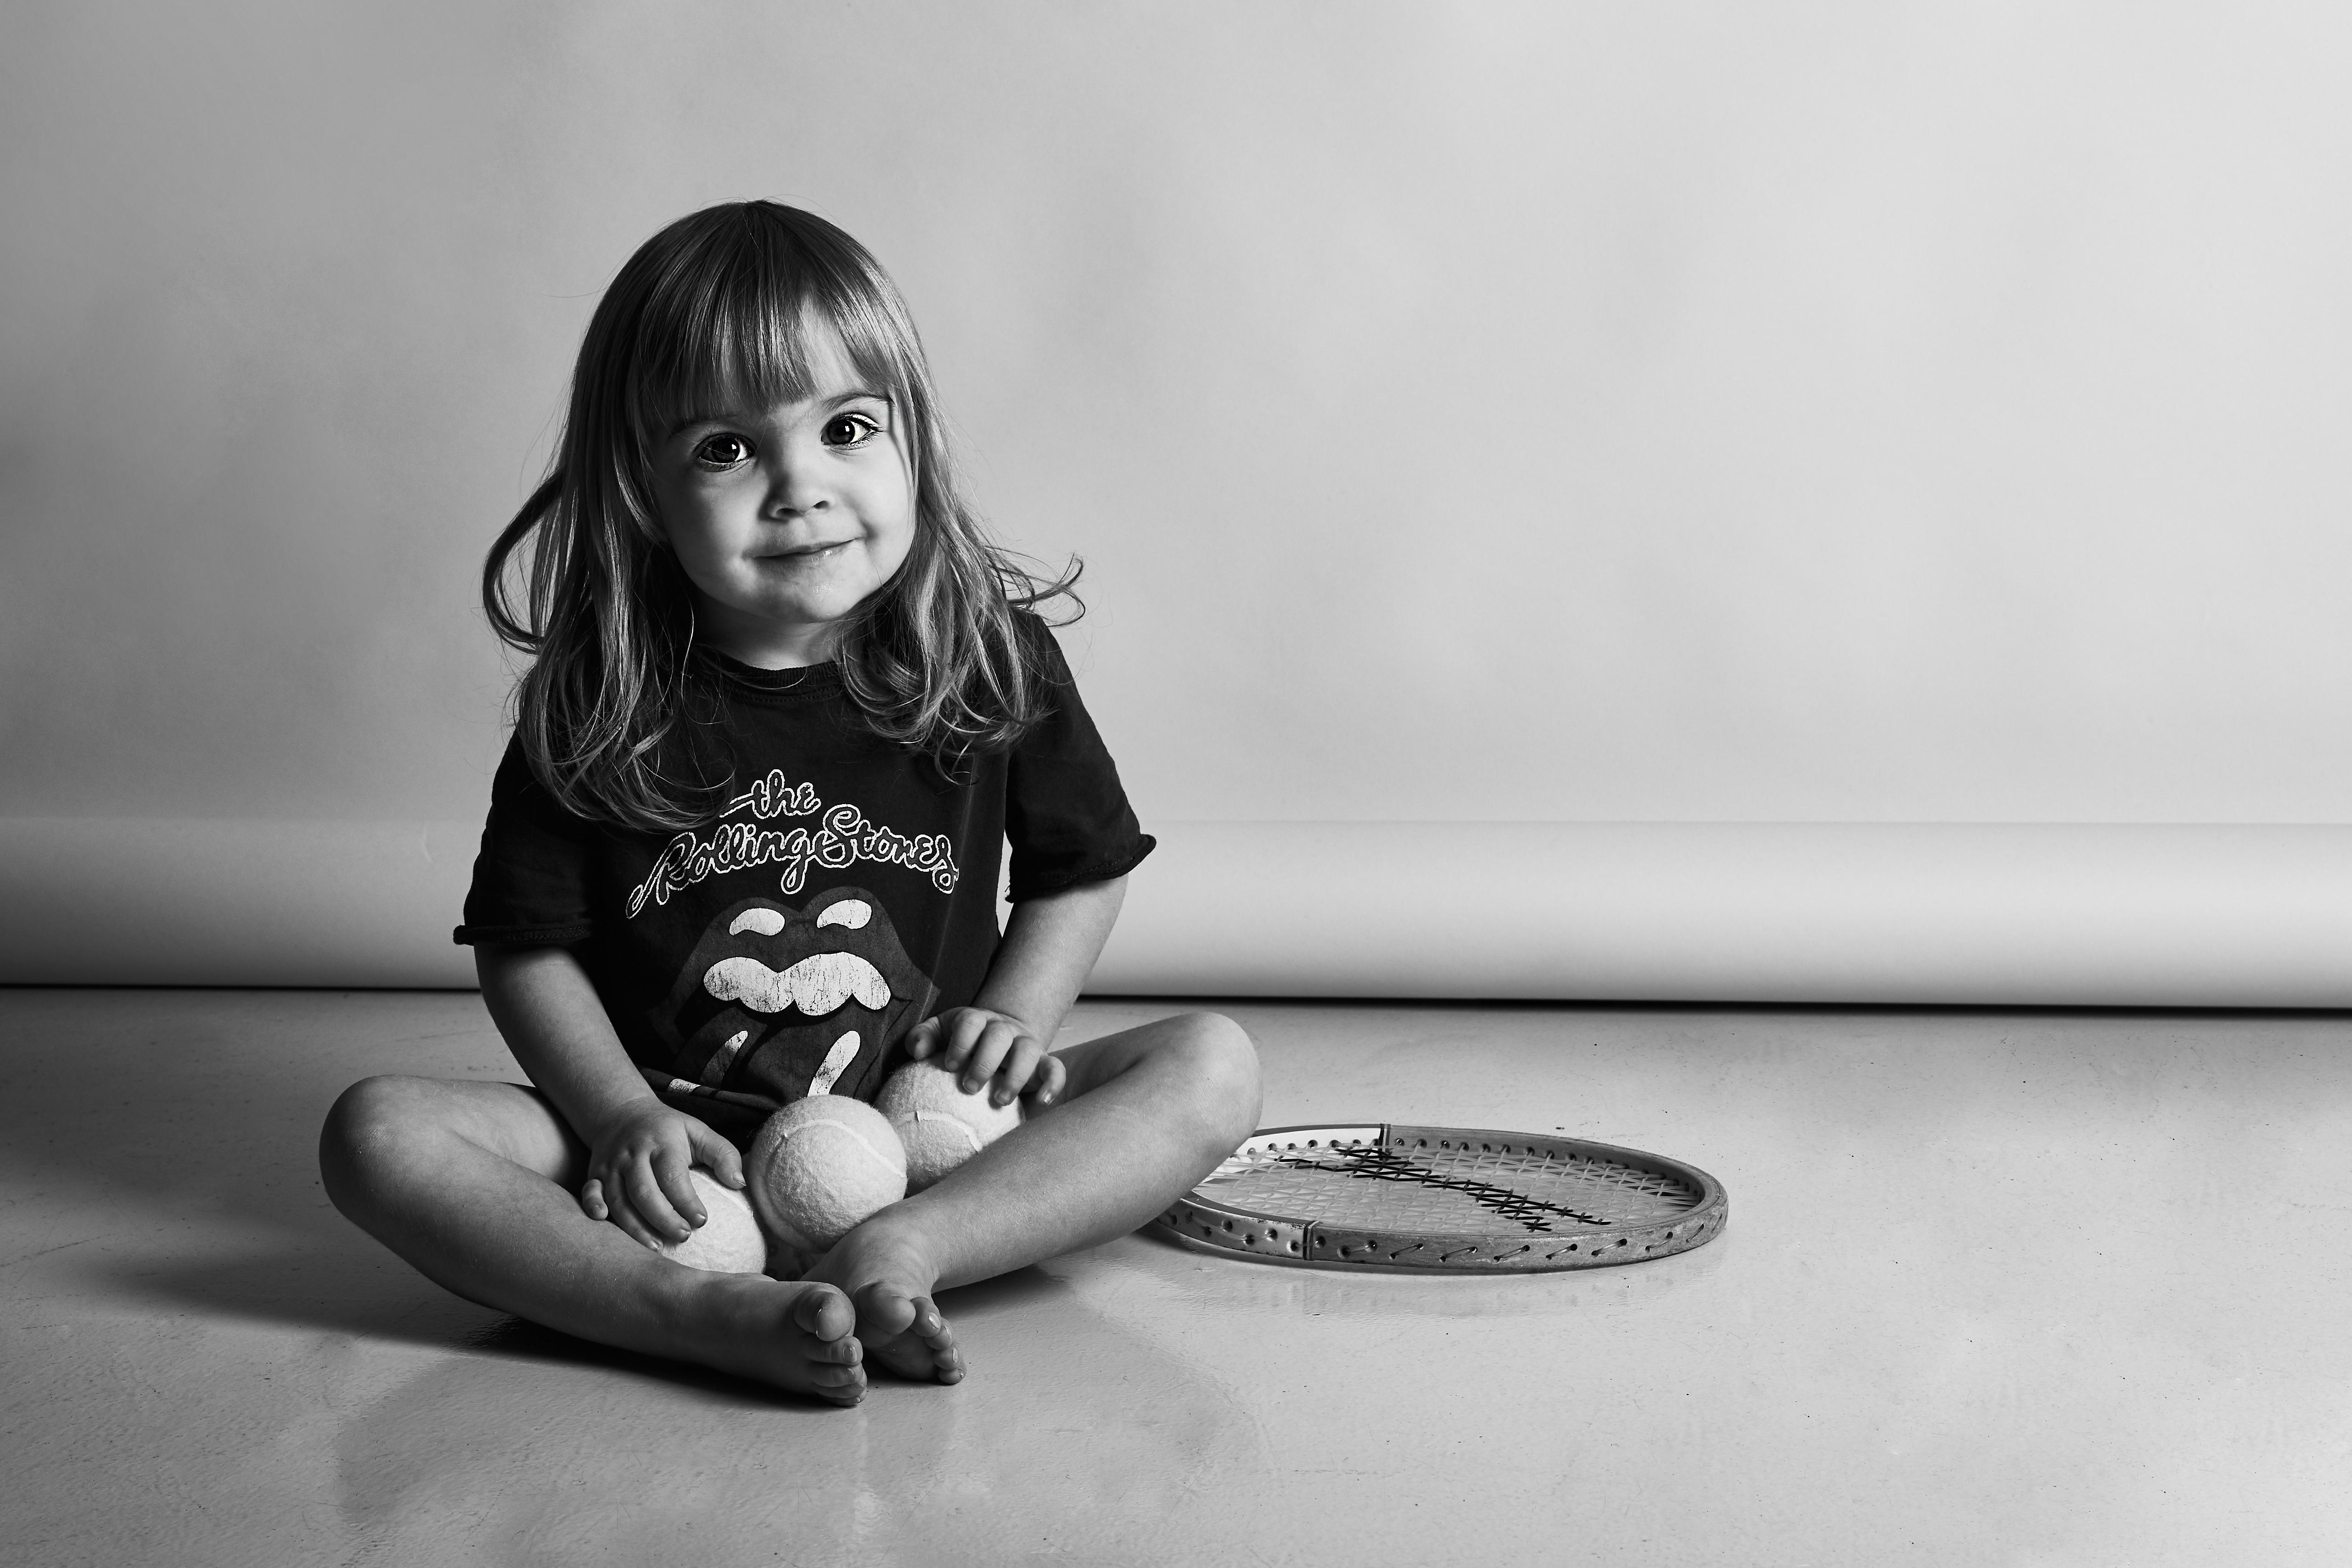 fotografia bambina in bianco e nero con racchetta tennis